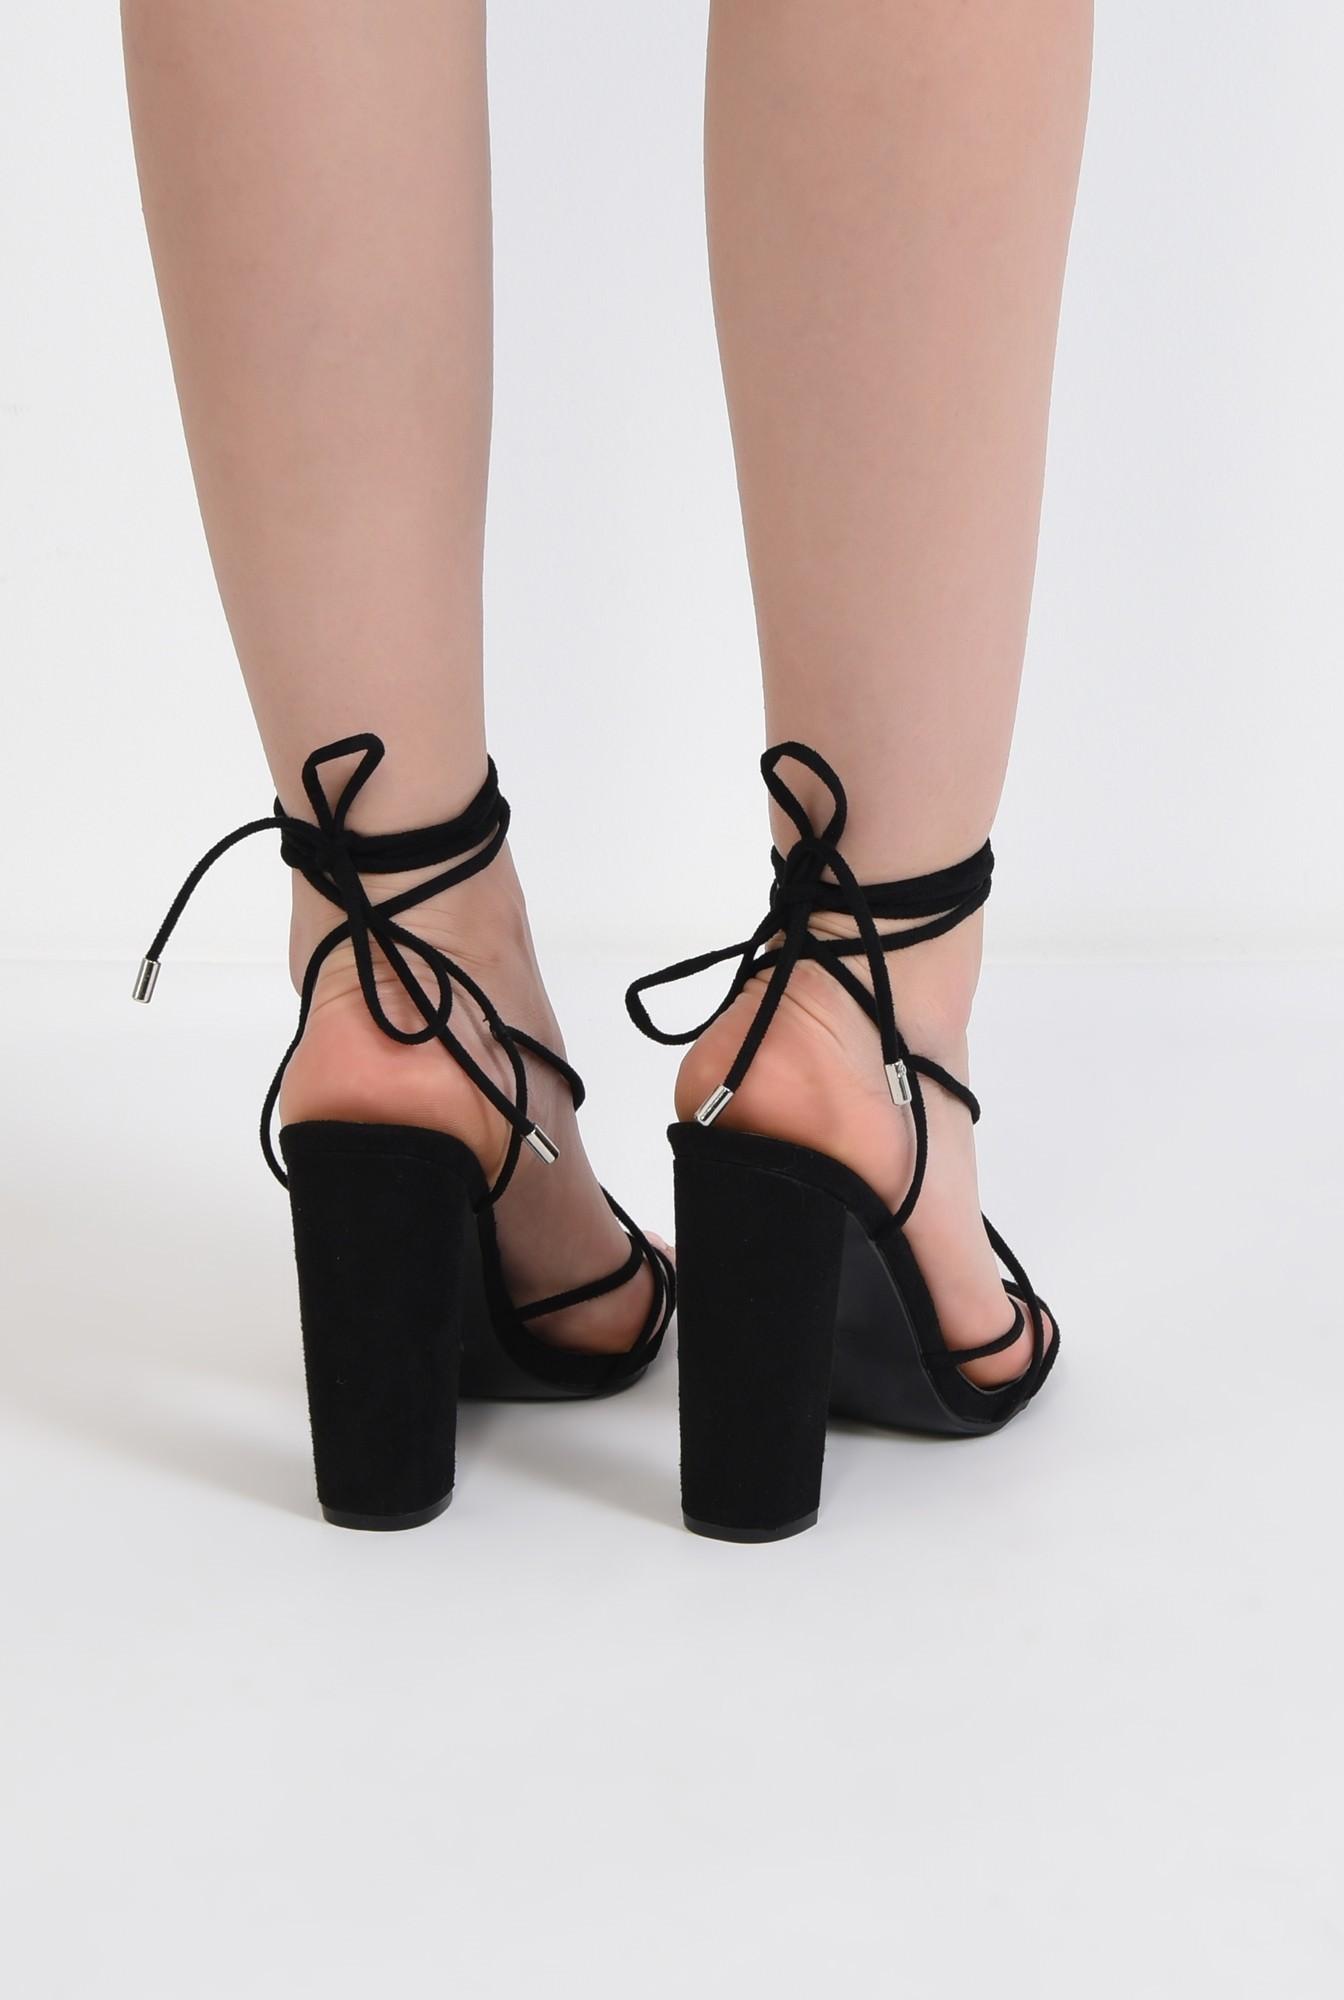 2 - sandale elegante, negre, cu toc gros, barete tip snur